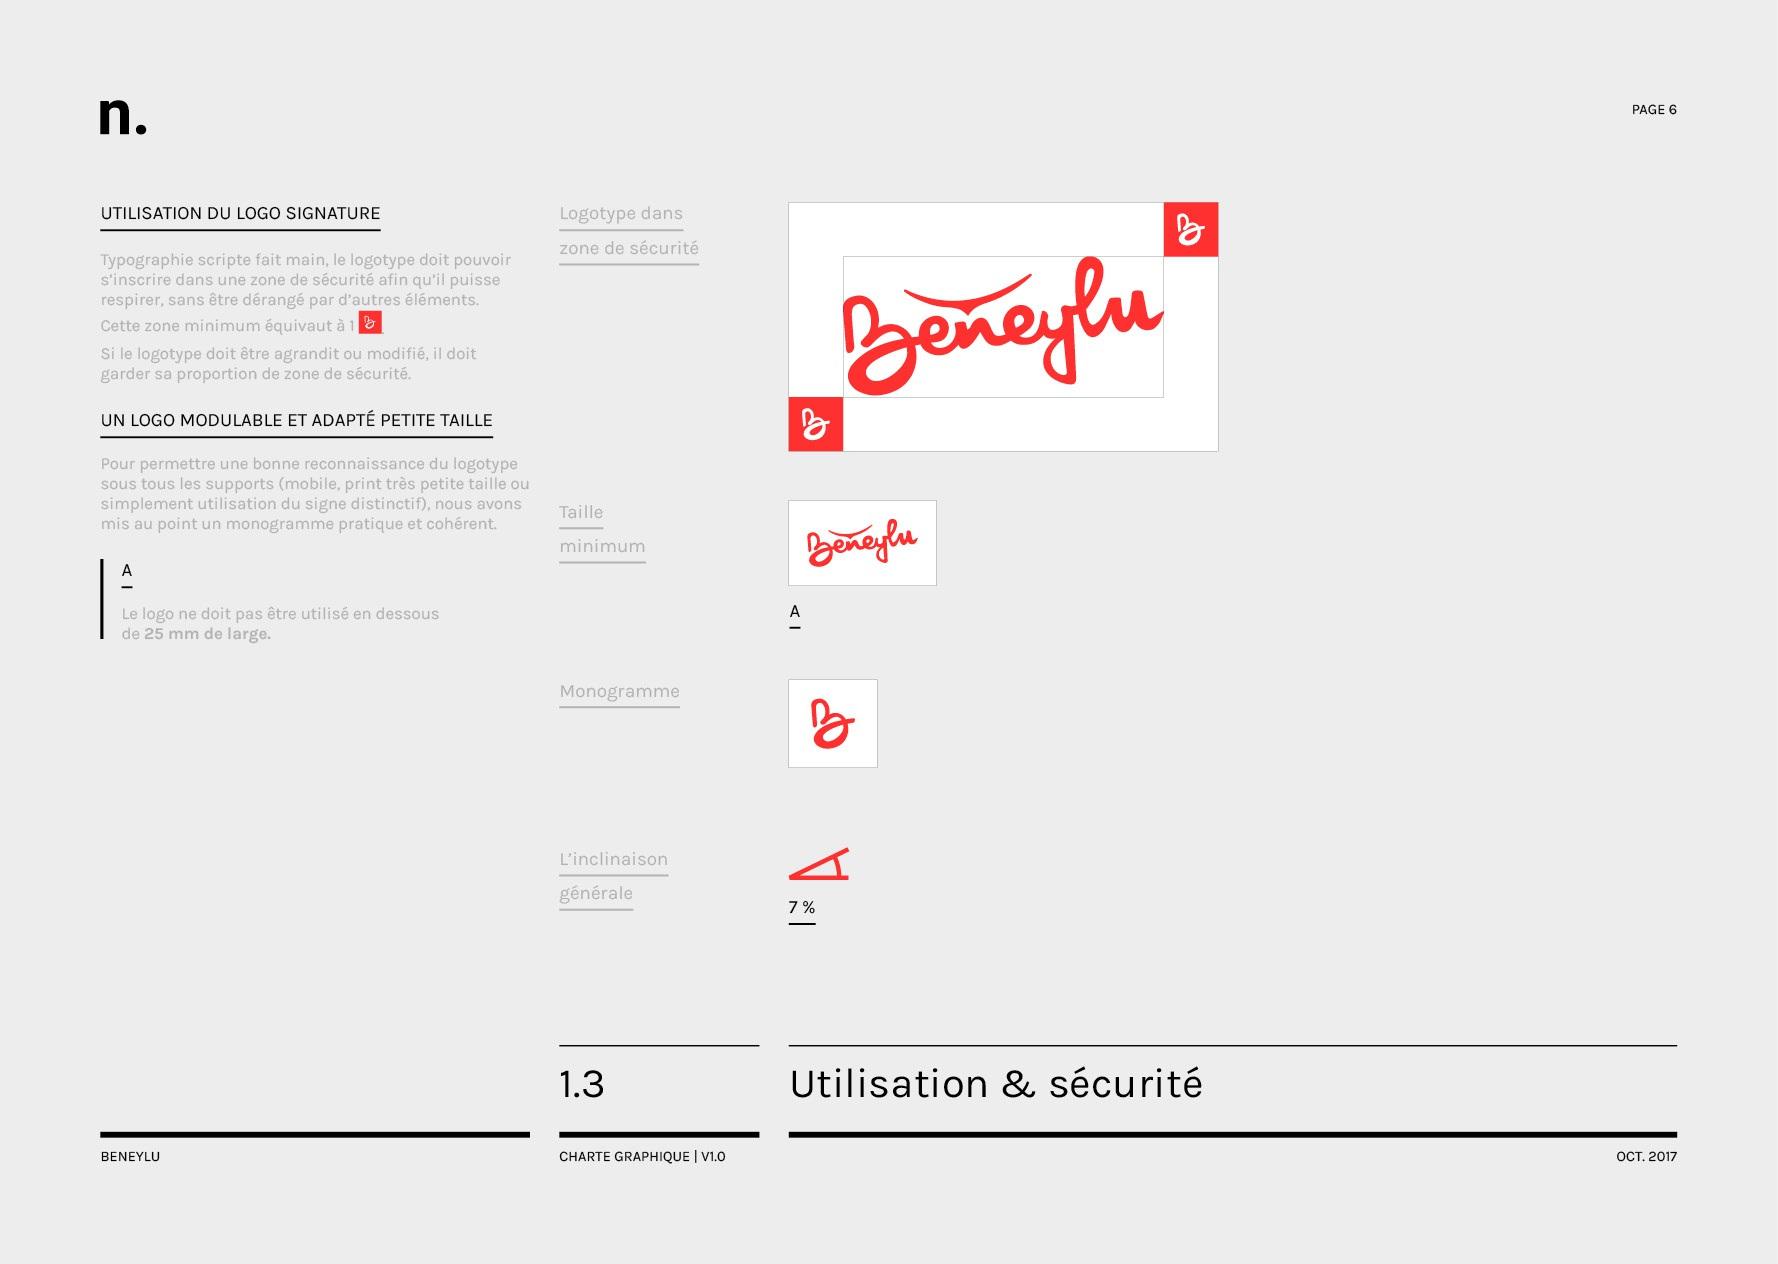 Beneylu Charte Graphique Oct20176